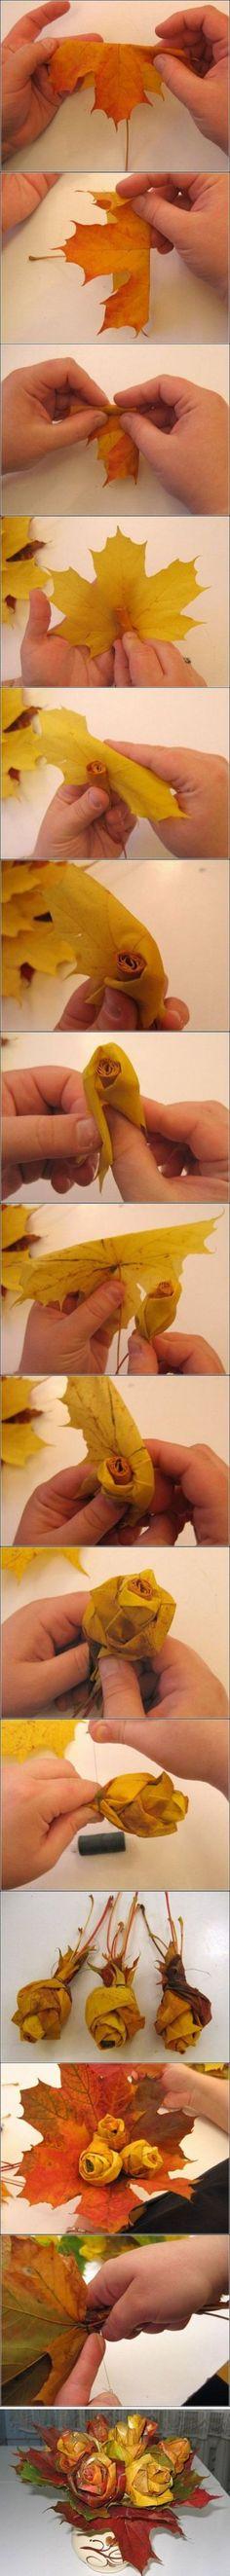 Ramo de rosas realizadas con hojas secas... que dedicación carae..